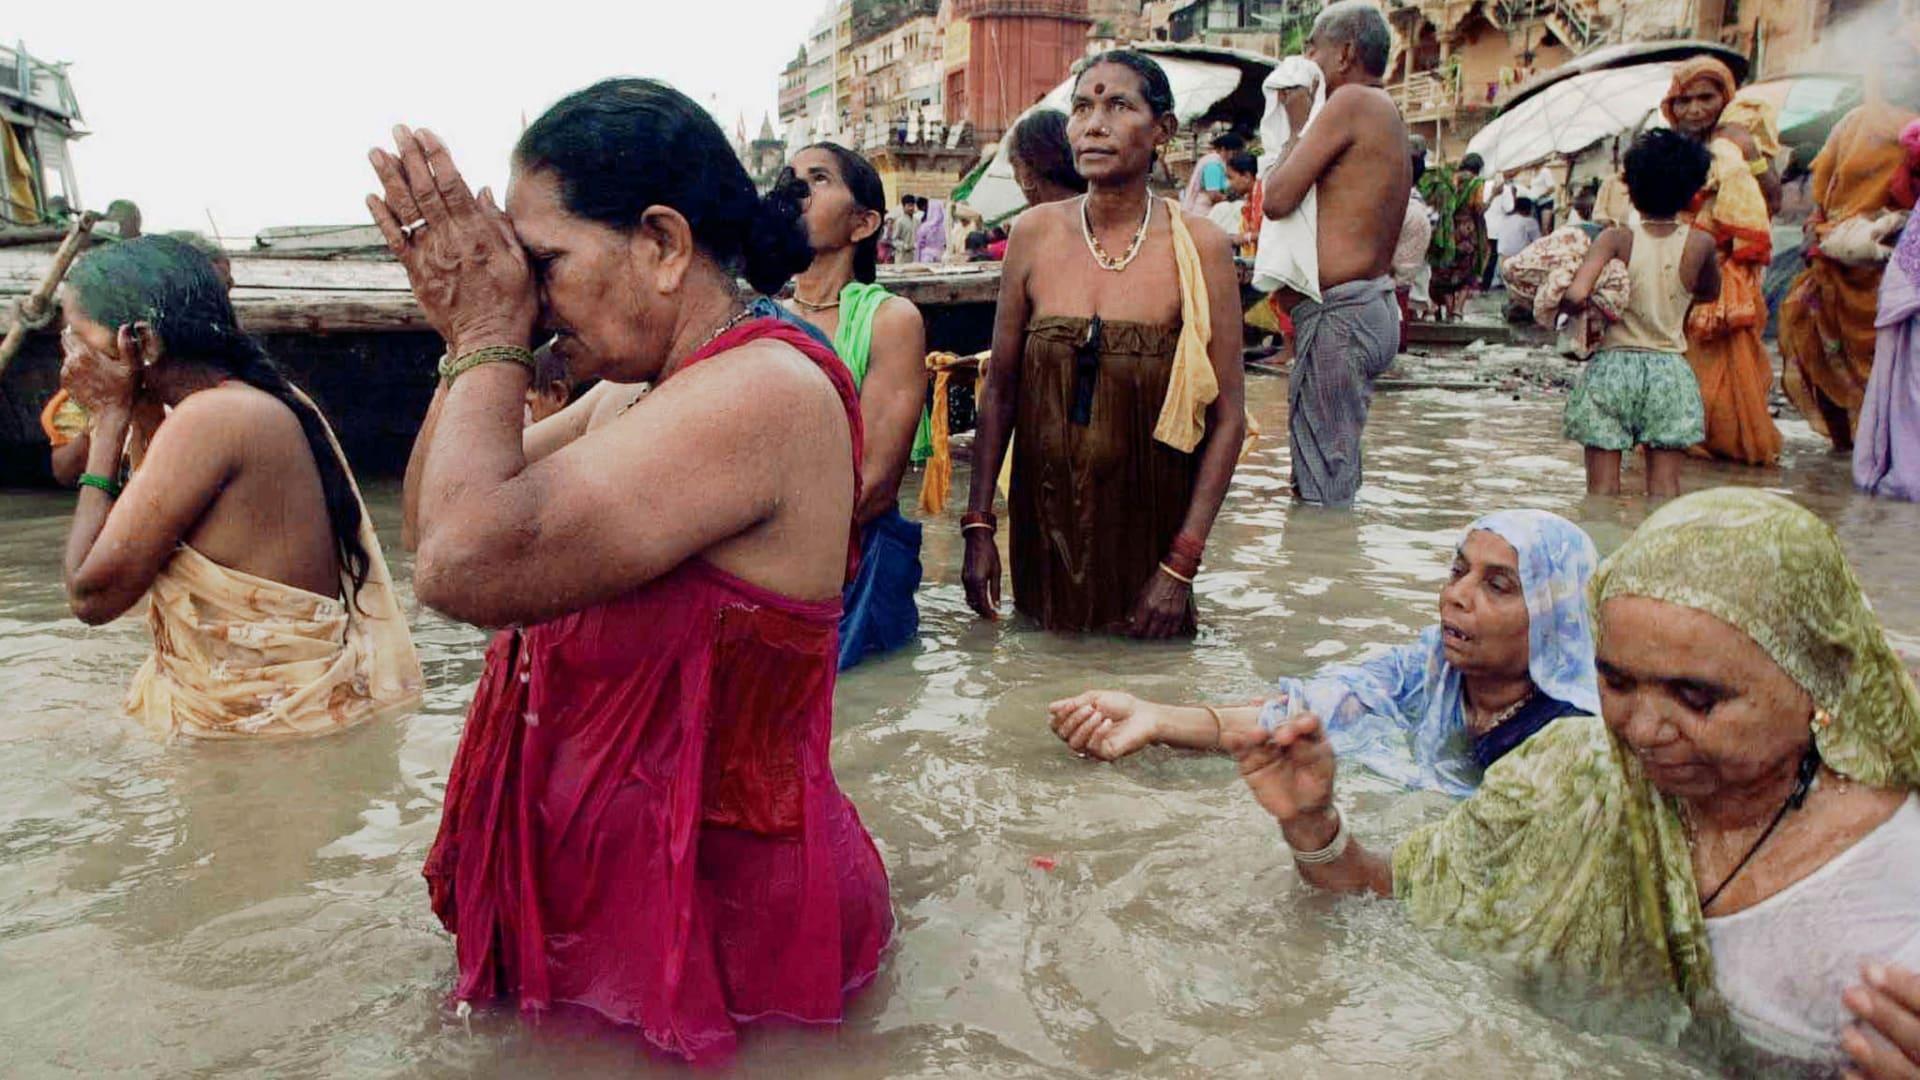 """مدينة هندية """"ترقص مع"""" الموت وتحوله إلى طقس احتفالي"""